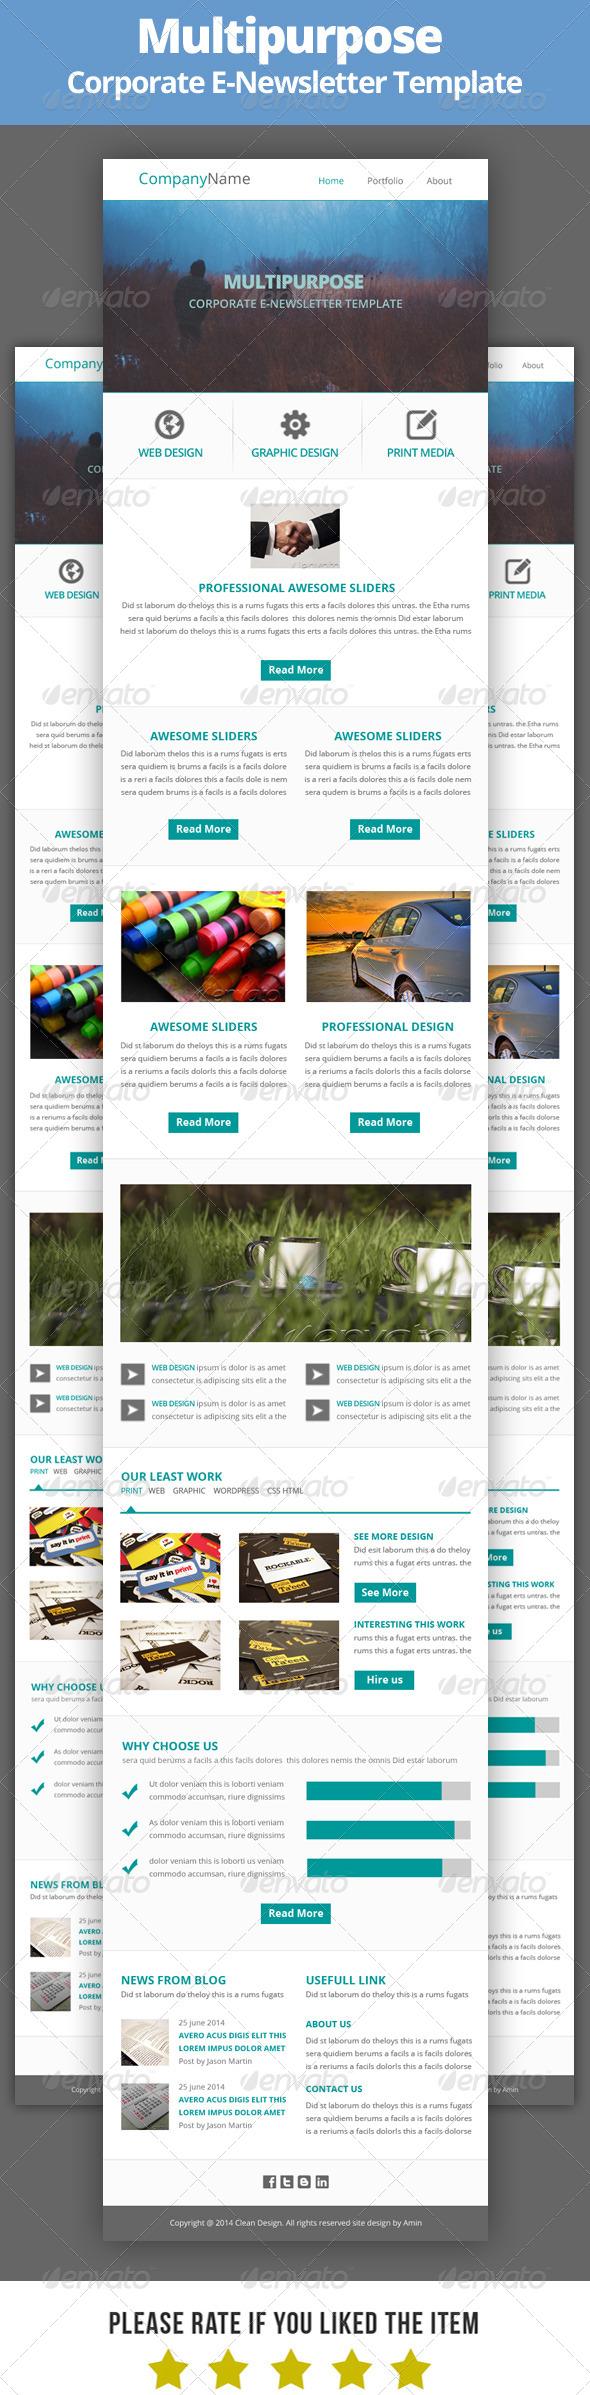 Multipurpose E-Newsletter Template V10